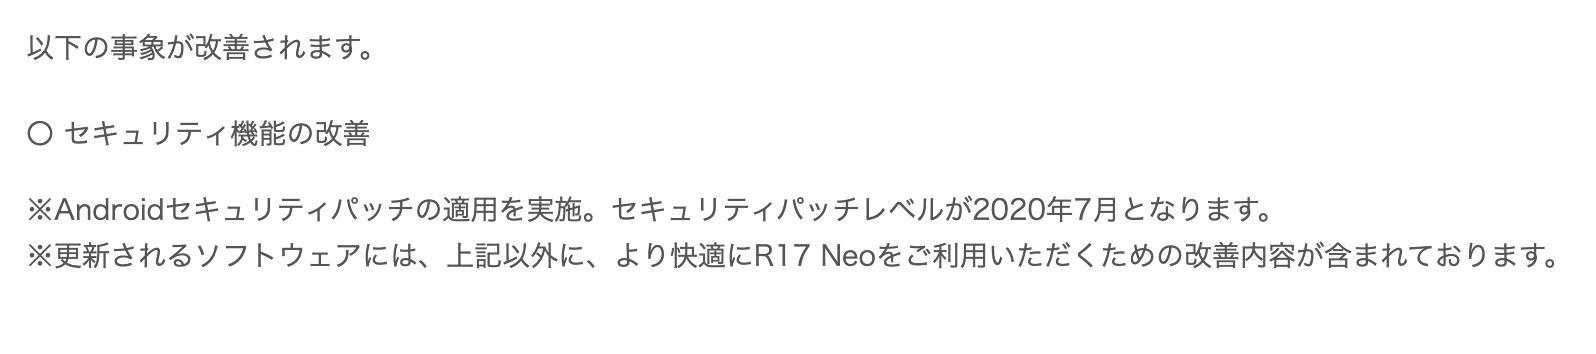 f:id:Azusa_Hirano:20200806133105p:plain